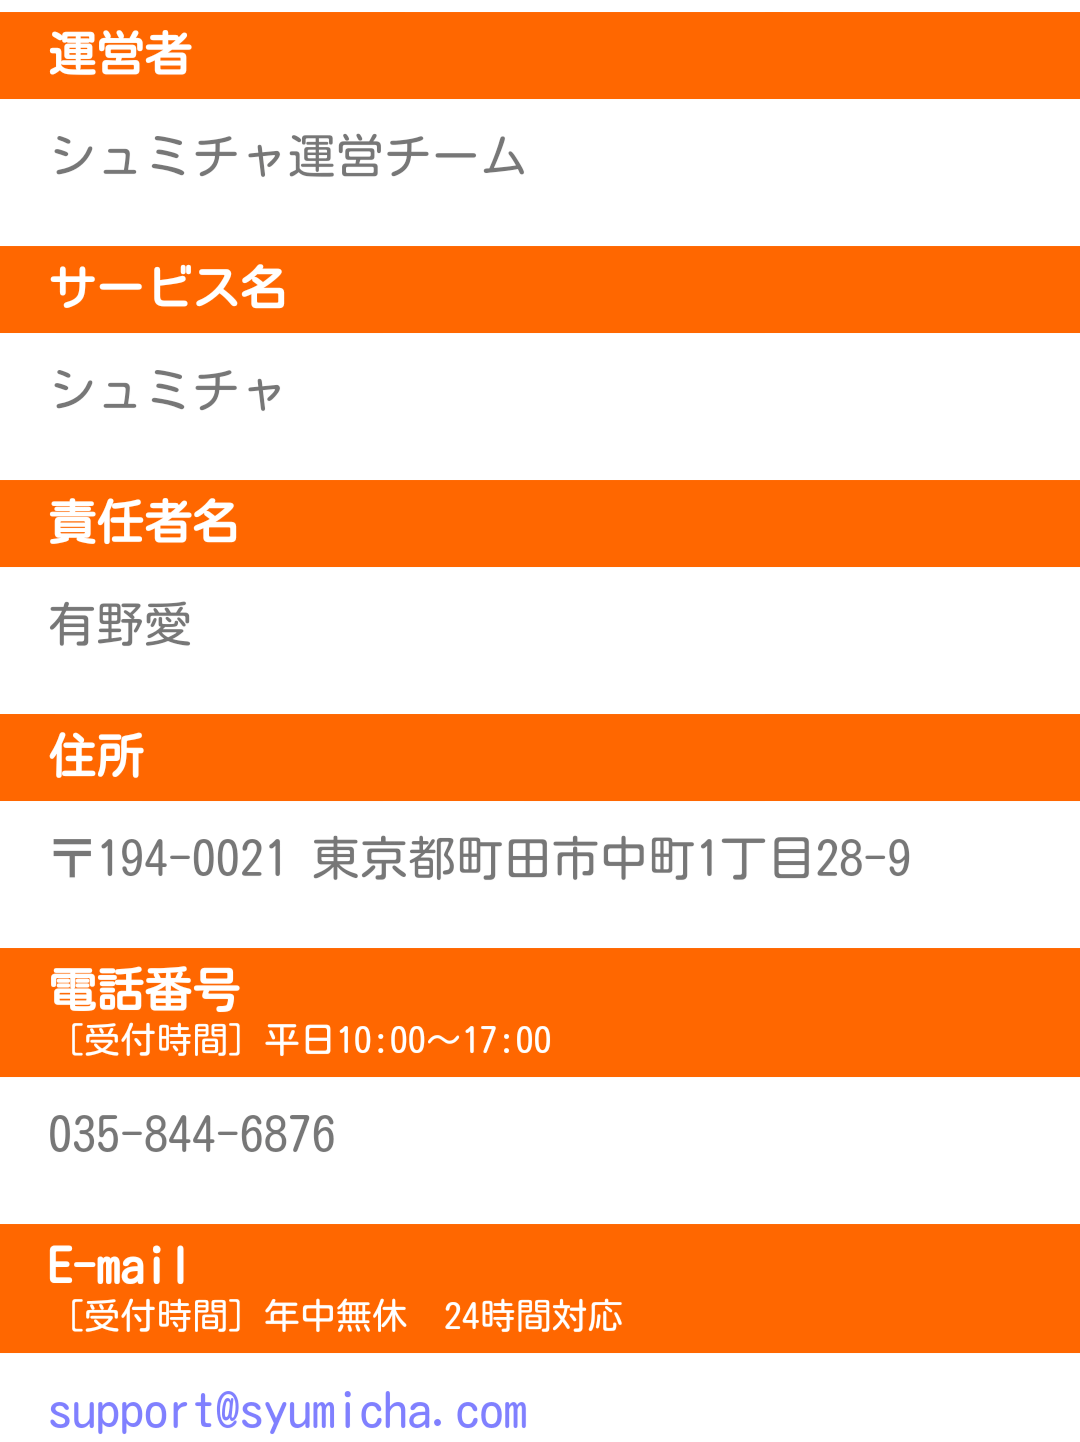 【無料登録】友達作りはシュミチャ!楽しくひまチャットしよ♪の運営会社情報